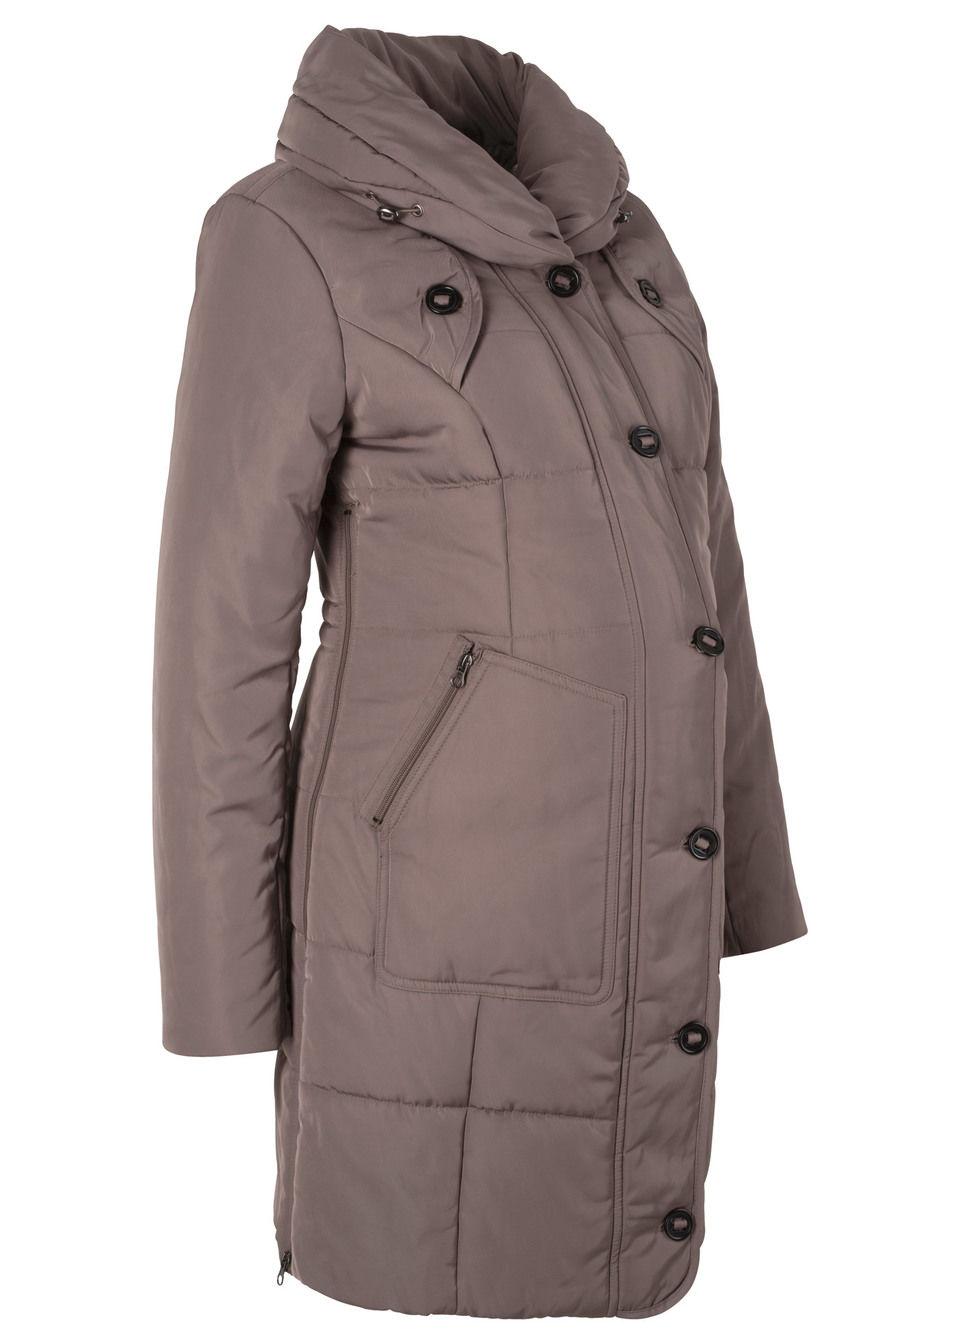 Bonprix Tehotenská móda prešívaný krátky kabát - Glami.sk 1f46bc73ae2